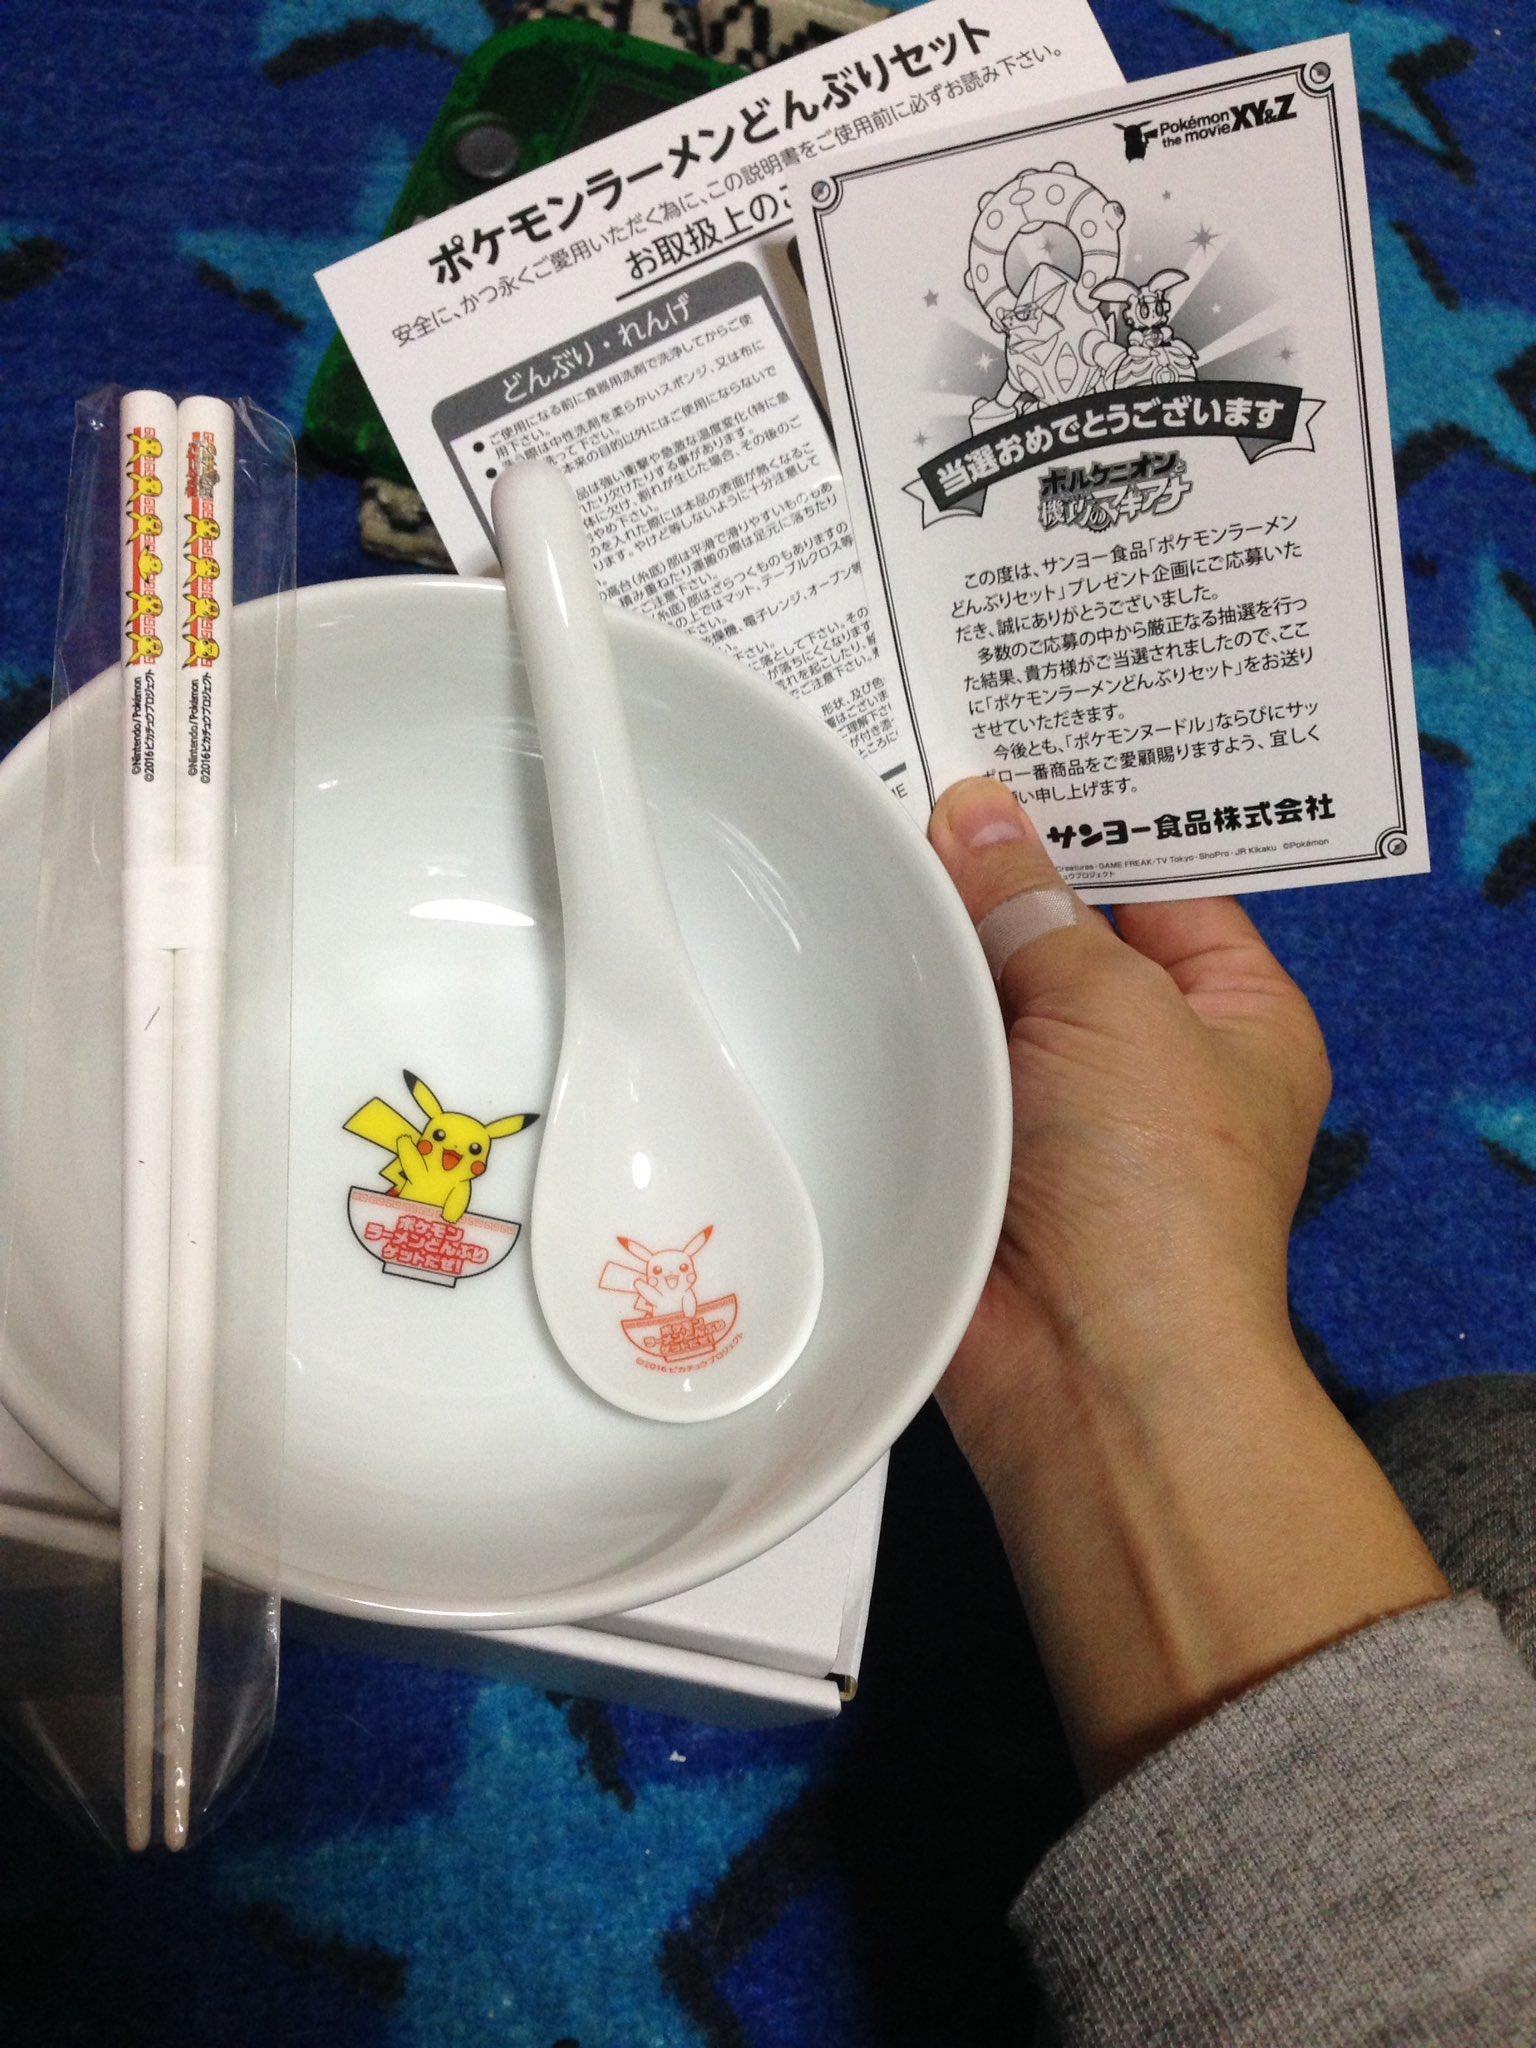 どんぶり ポケモン ポケモン牛丼「ポケ盛」が12月19日に吉野家で販売開始。先行販売が始まった恵比寿駅前店は,店内もポケモン仕様に